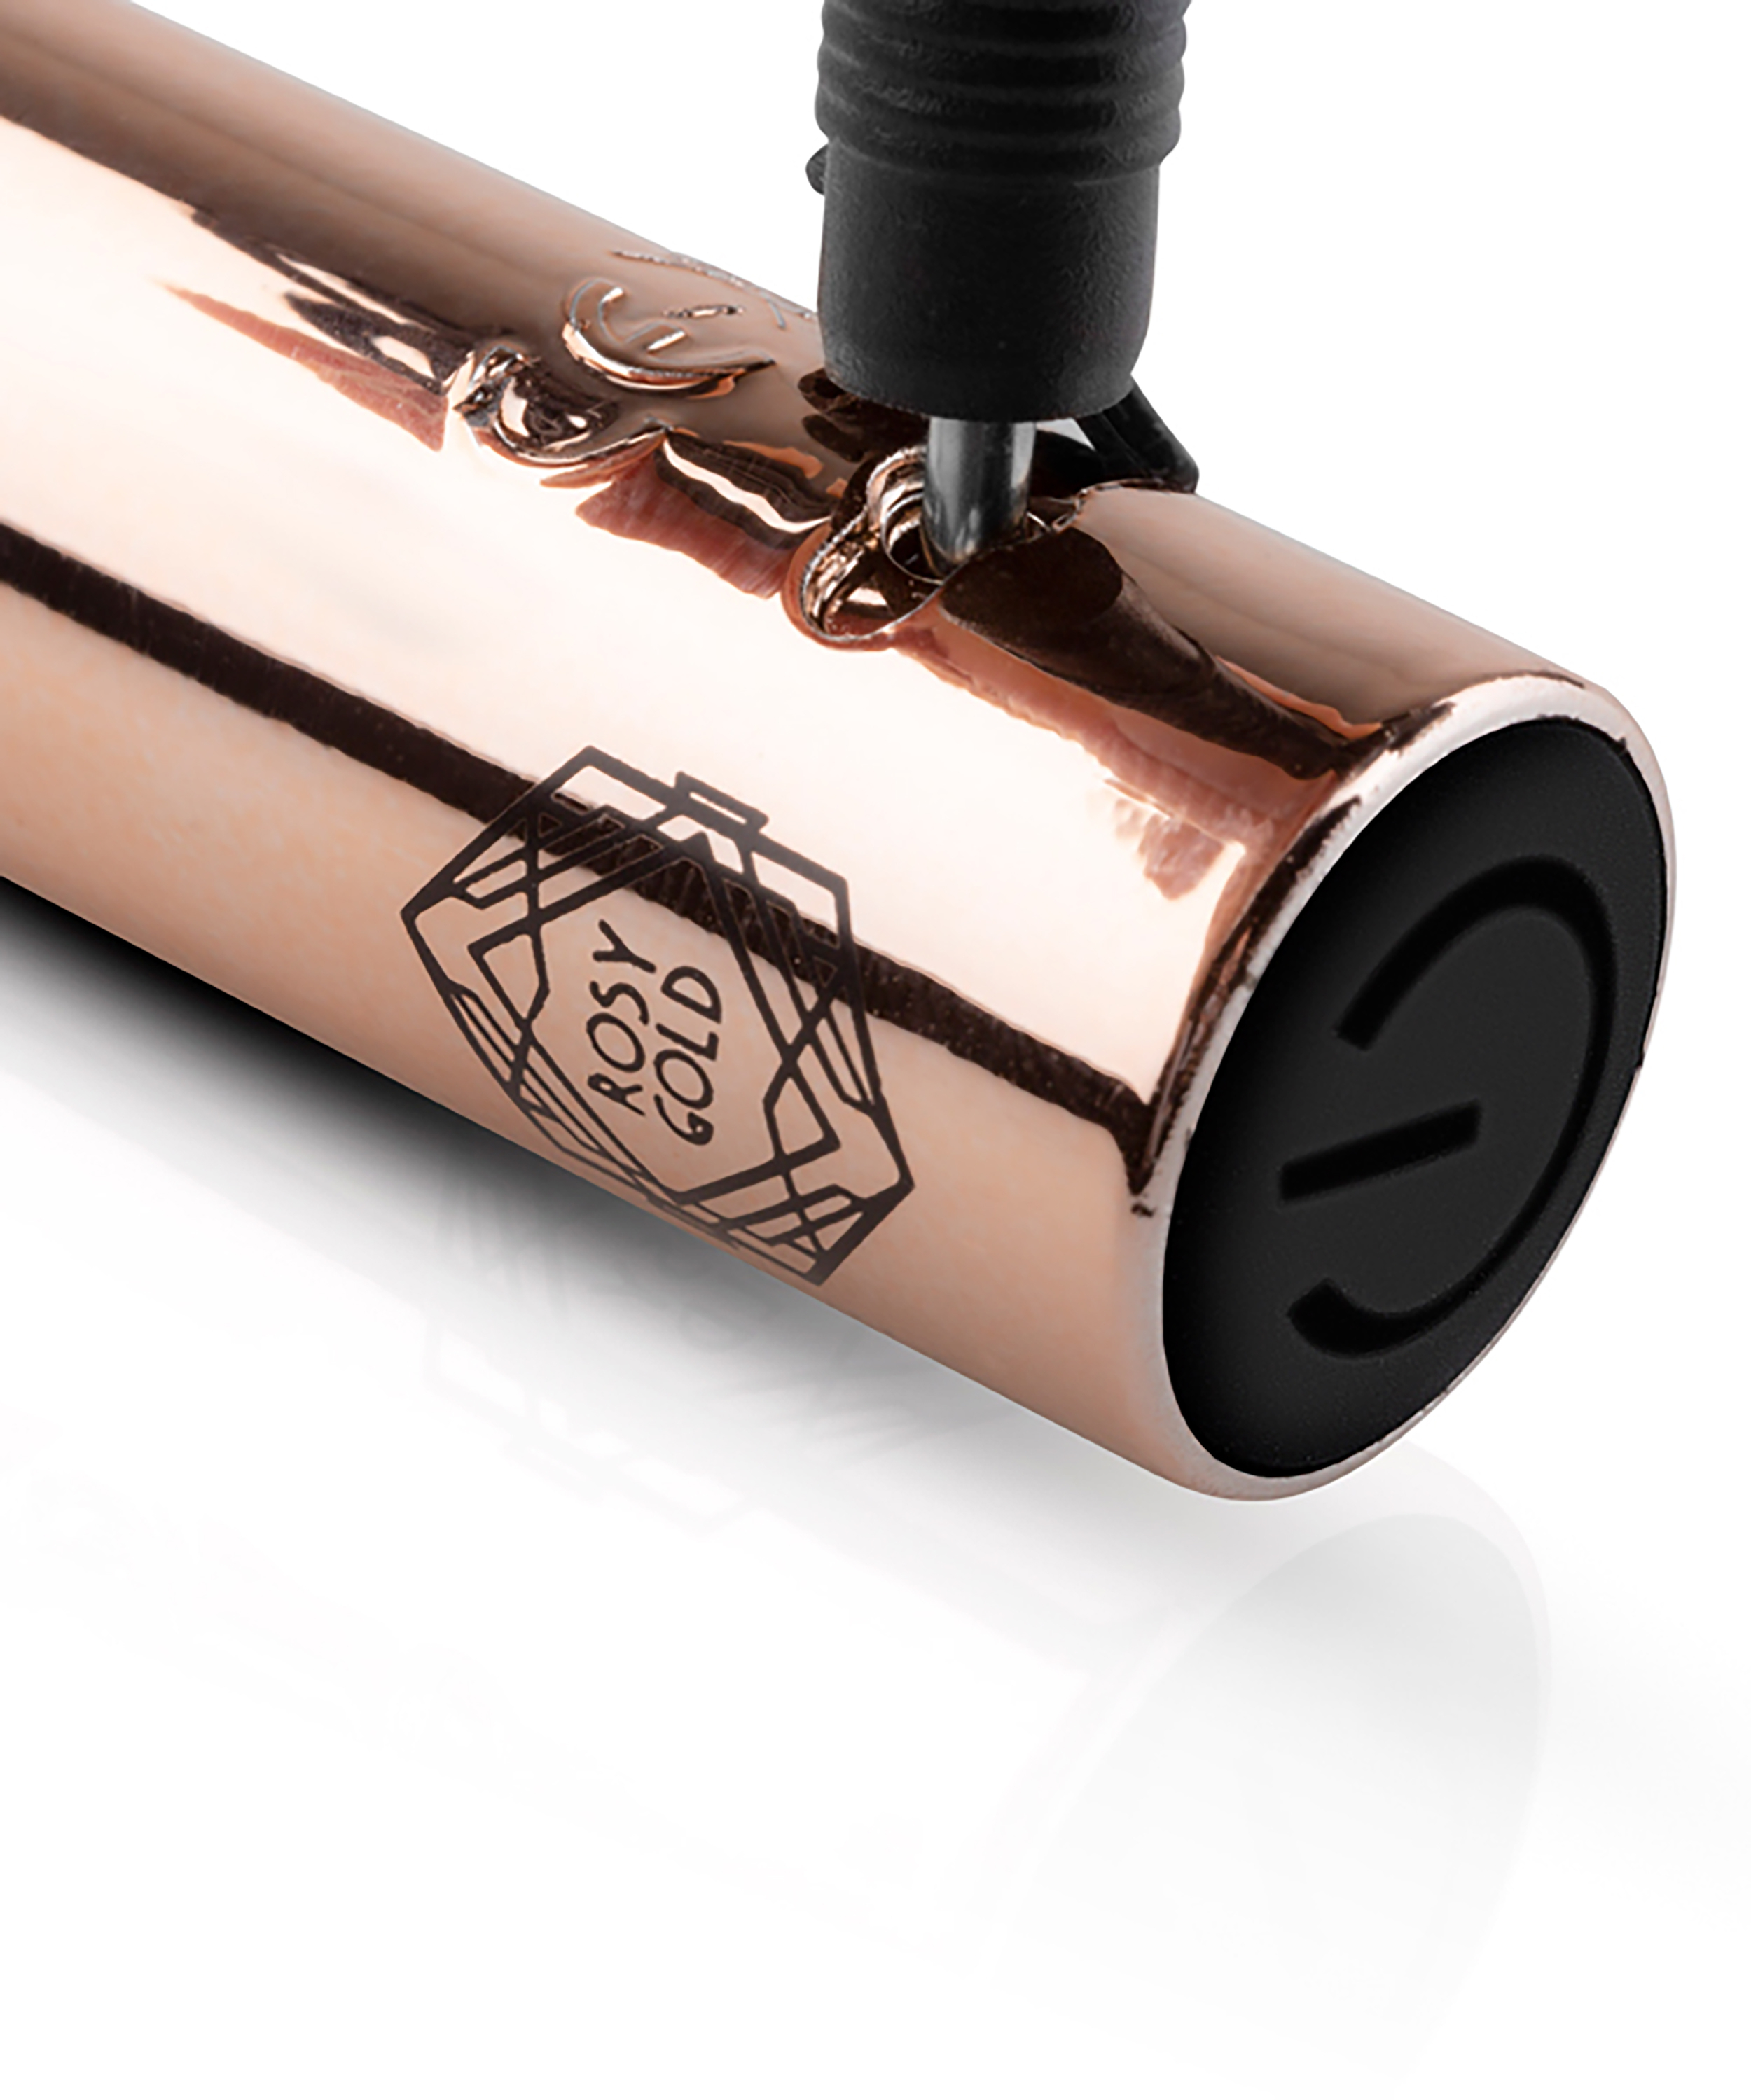 Rosy Gold Nouveau G-spot Vibrator, Roze, main